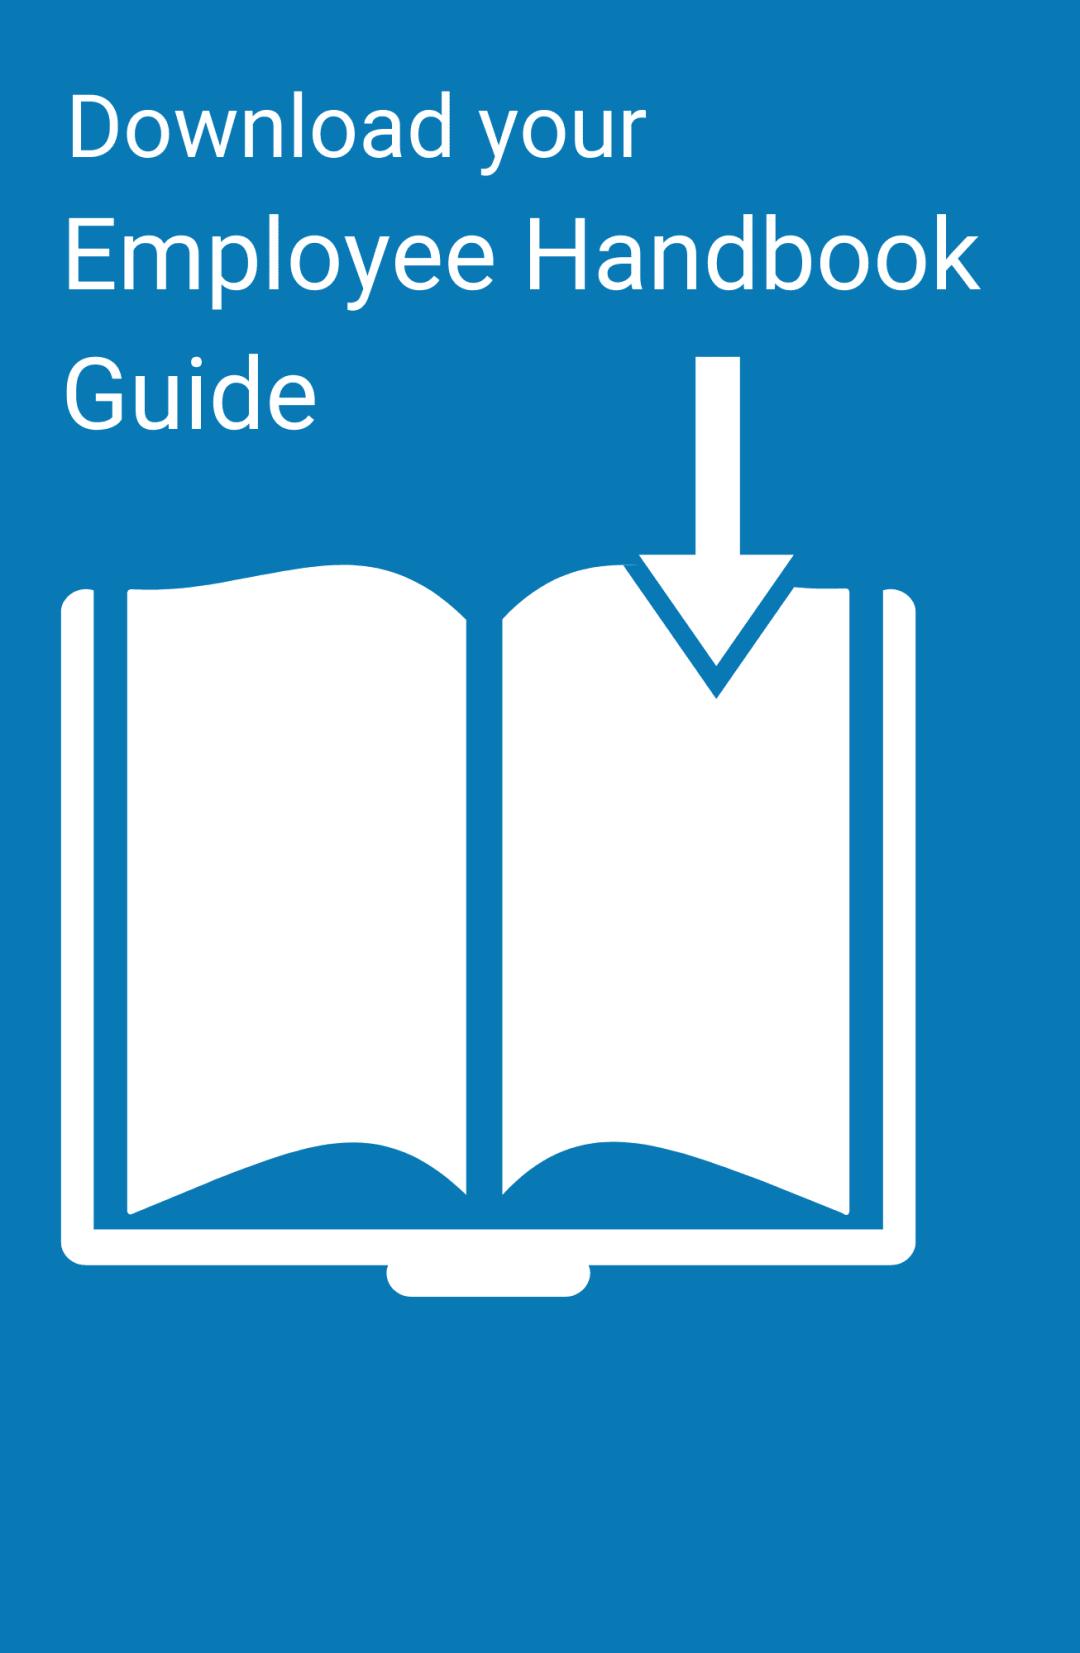 Download your Employee Handbook Guide